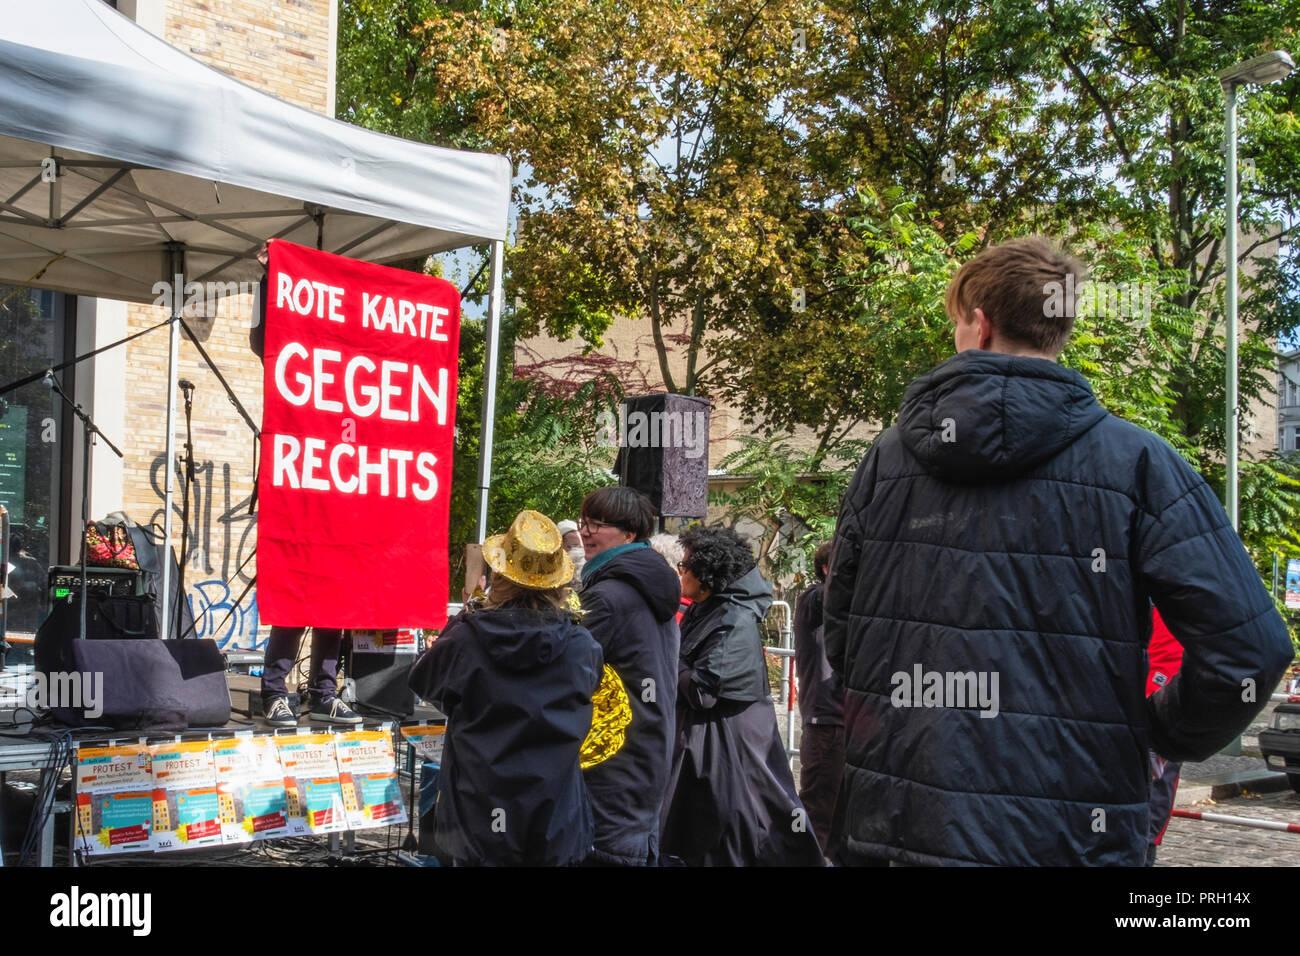 Rote Karte Berlin Mitte.Berlin Mitte Deutschland 3 Oktober 2018 Protest Gegen Eine